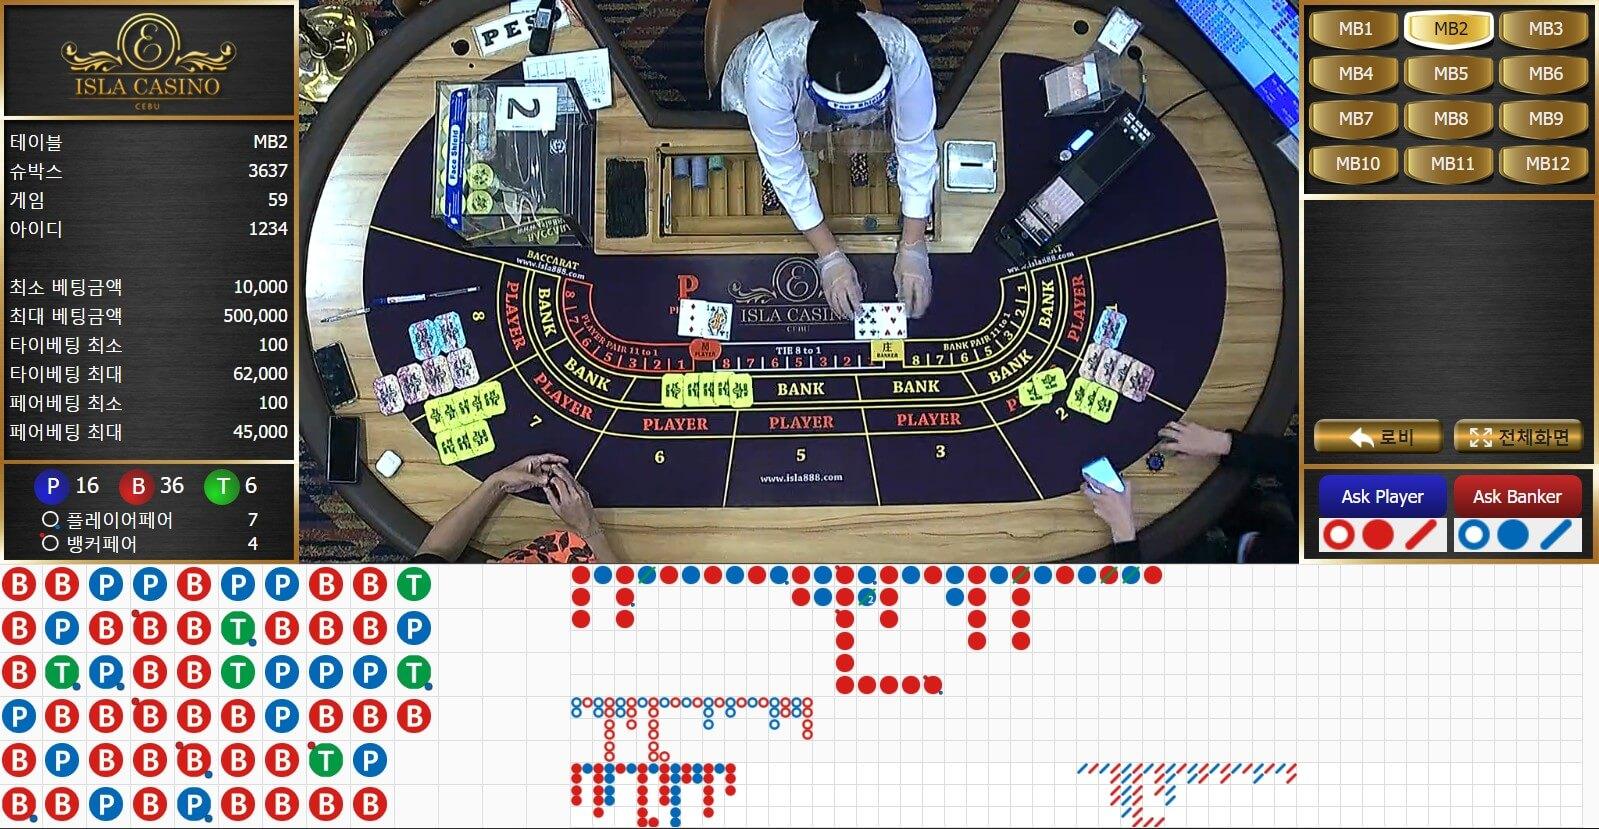 테이블 1